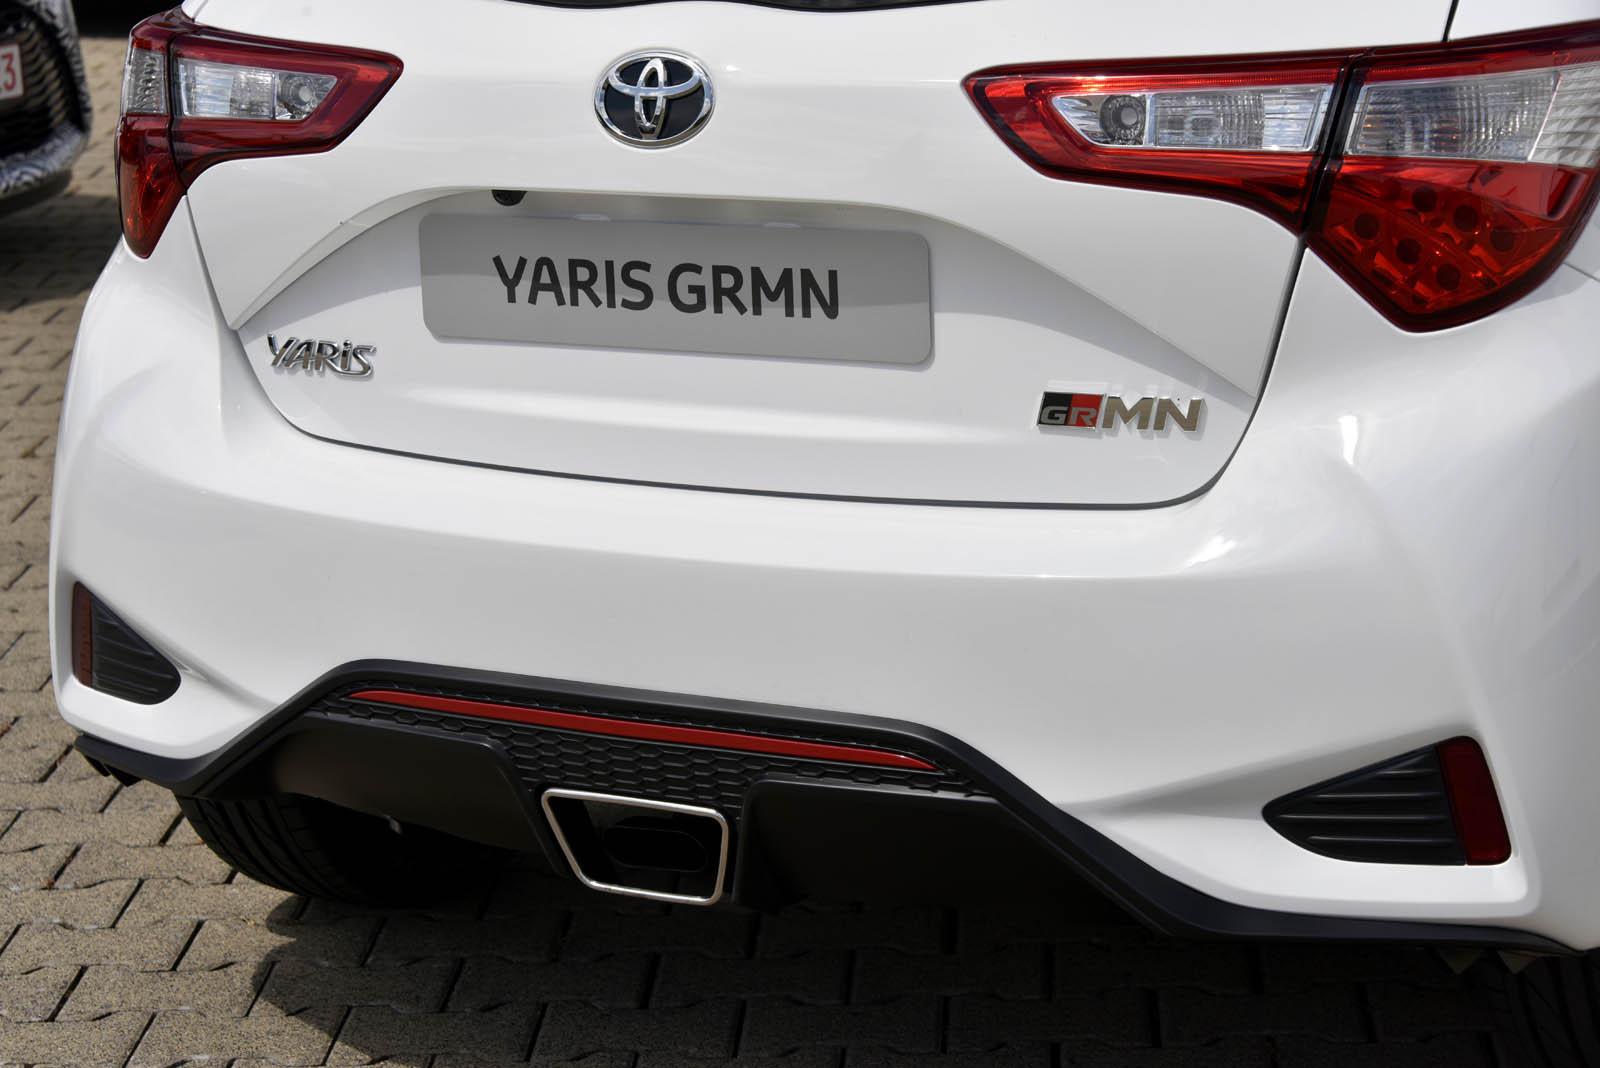 Toyota Yaris GRMN - Toyota Yaris GRMN